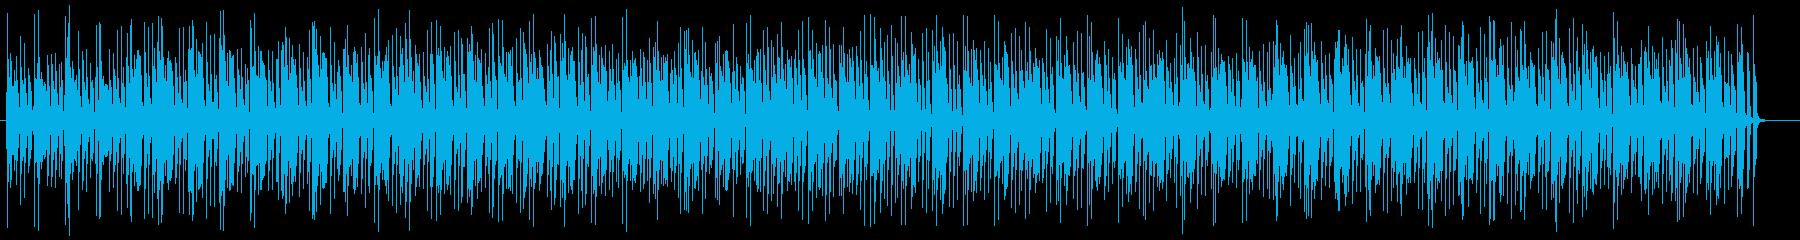 明るいキラキラした可愛い曲の再生済みの波形